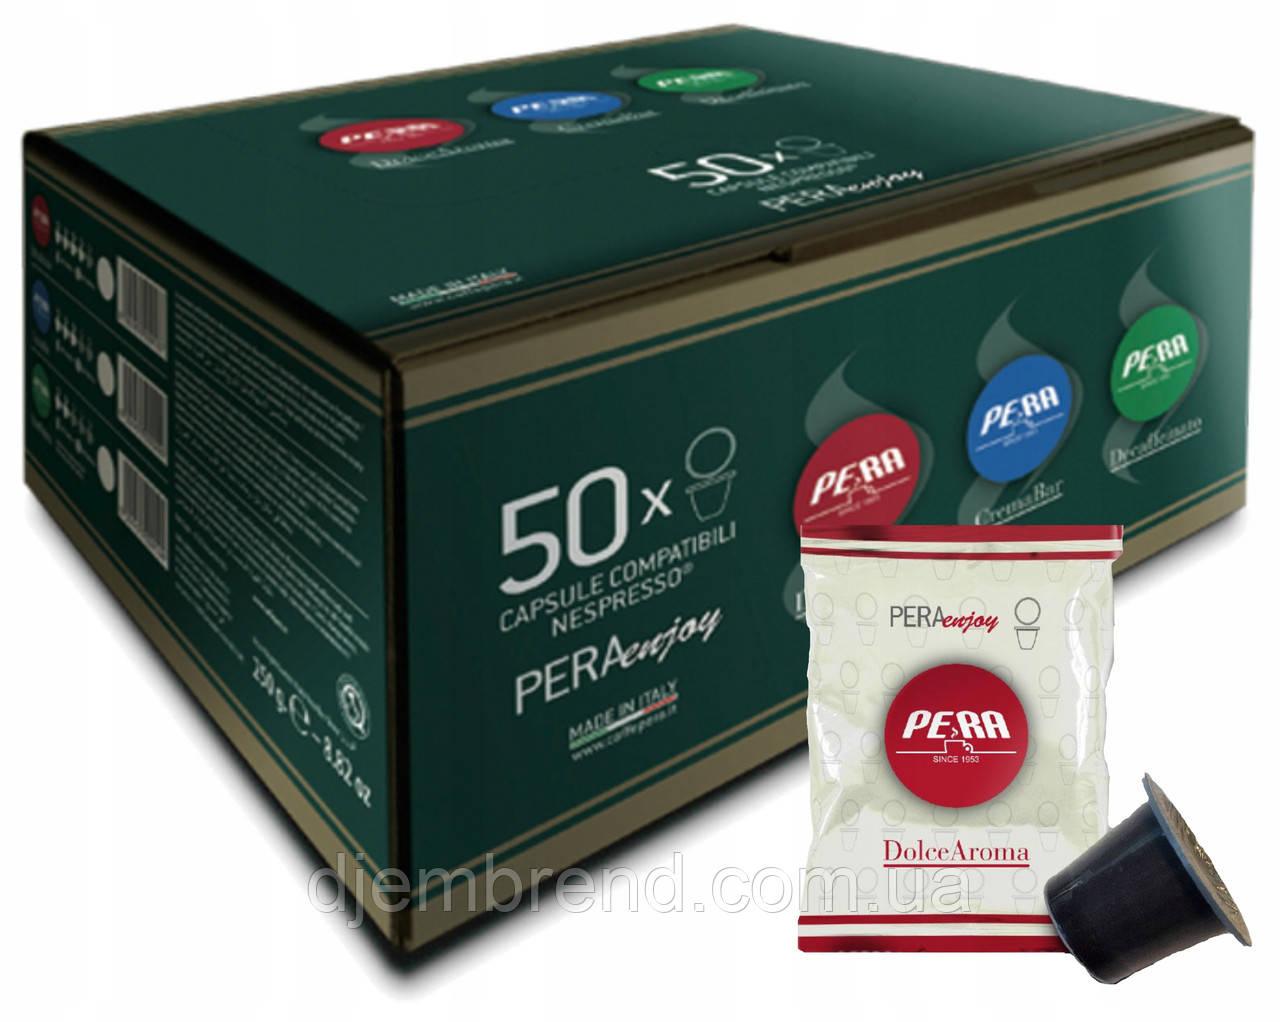 Кофе в стиках Pera DOLCE AROMA, коробка 50 шт.